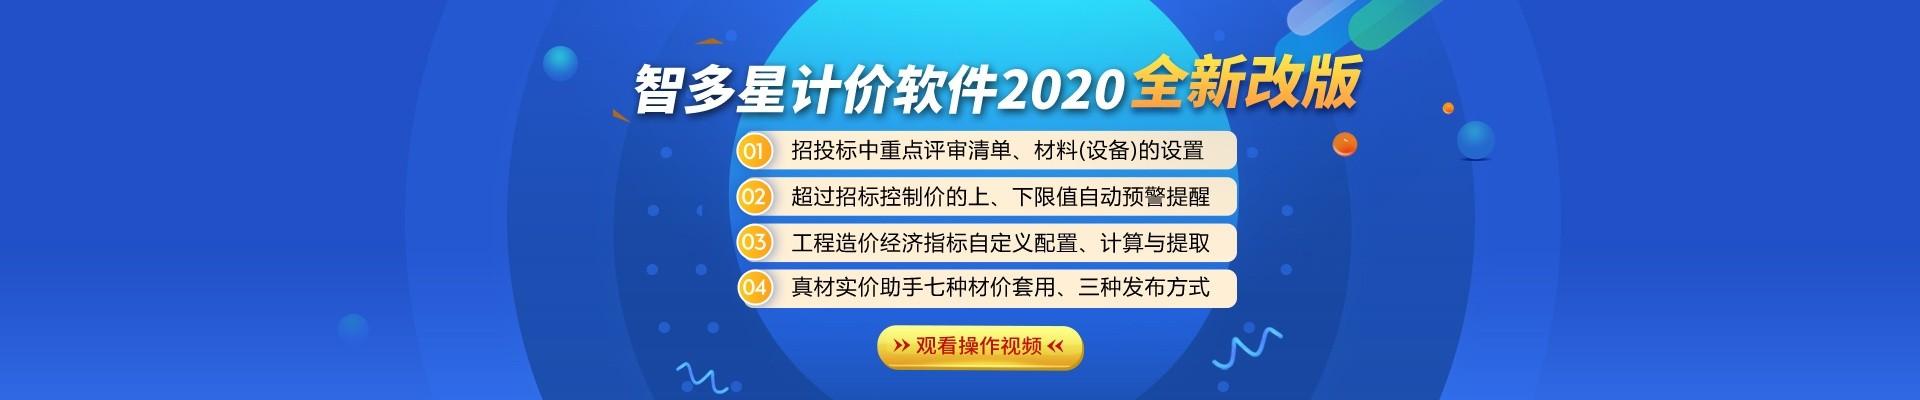 亚博体育官网app计价软件2020全新改版